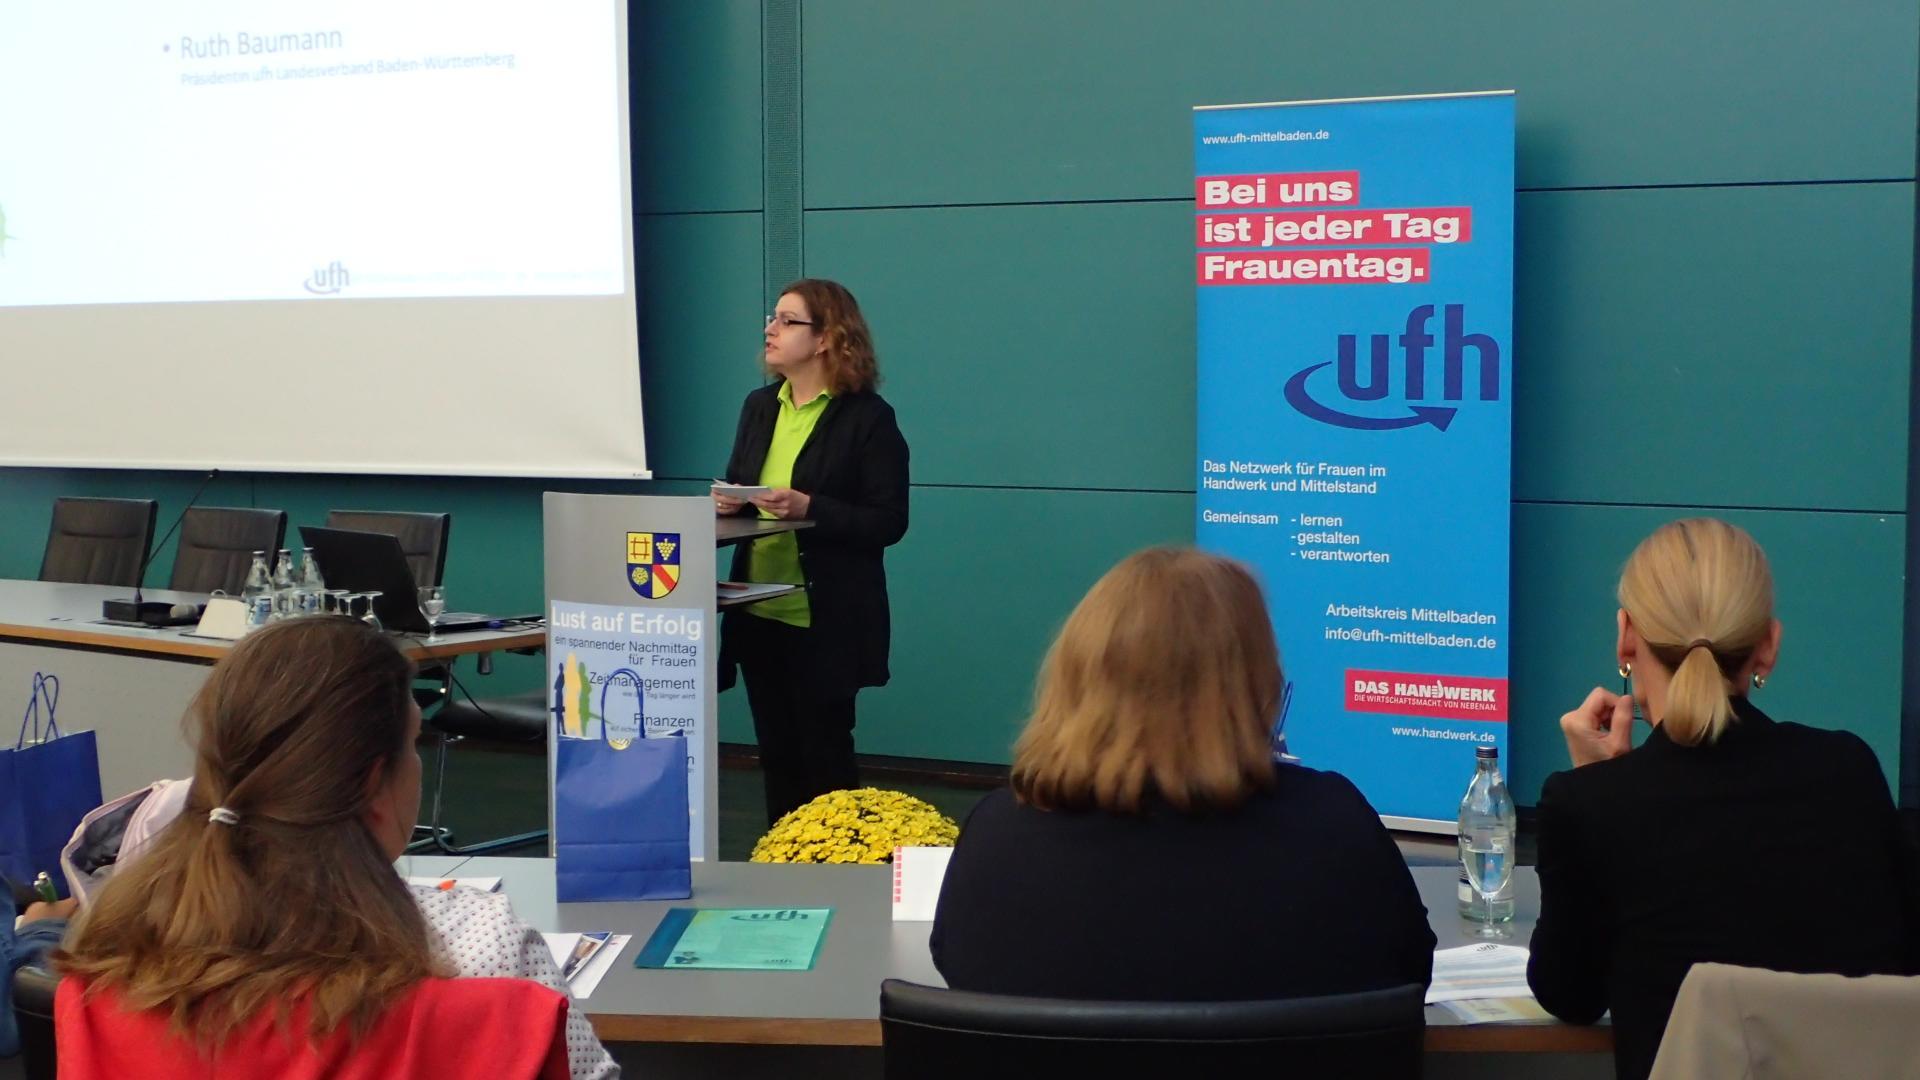 09-18 Begrüßung Ruth Baumann, Präsidentin ufh Landesverband BW